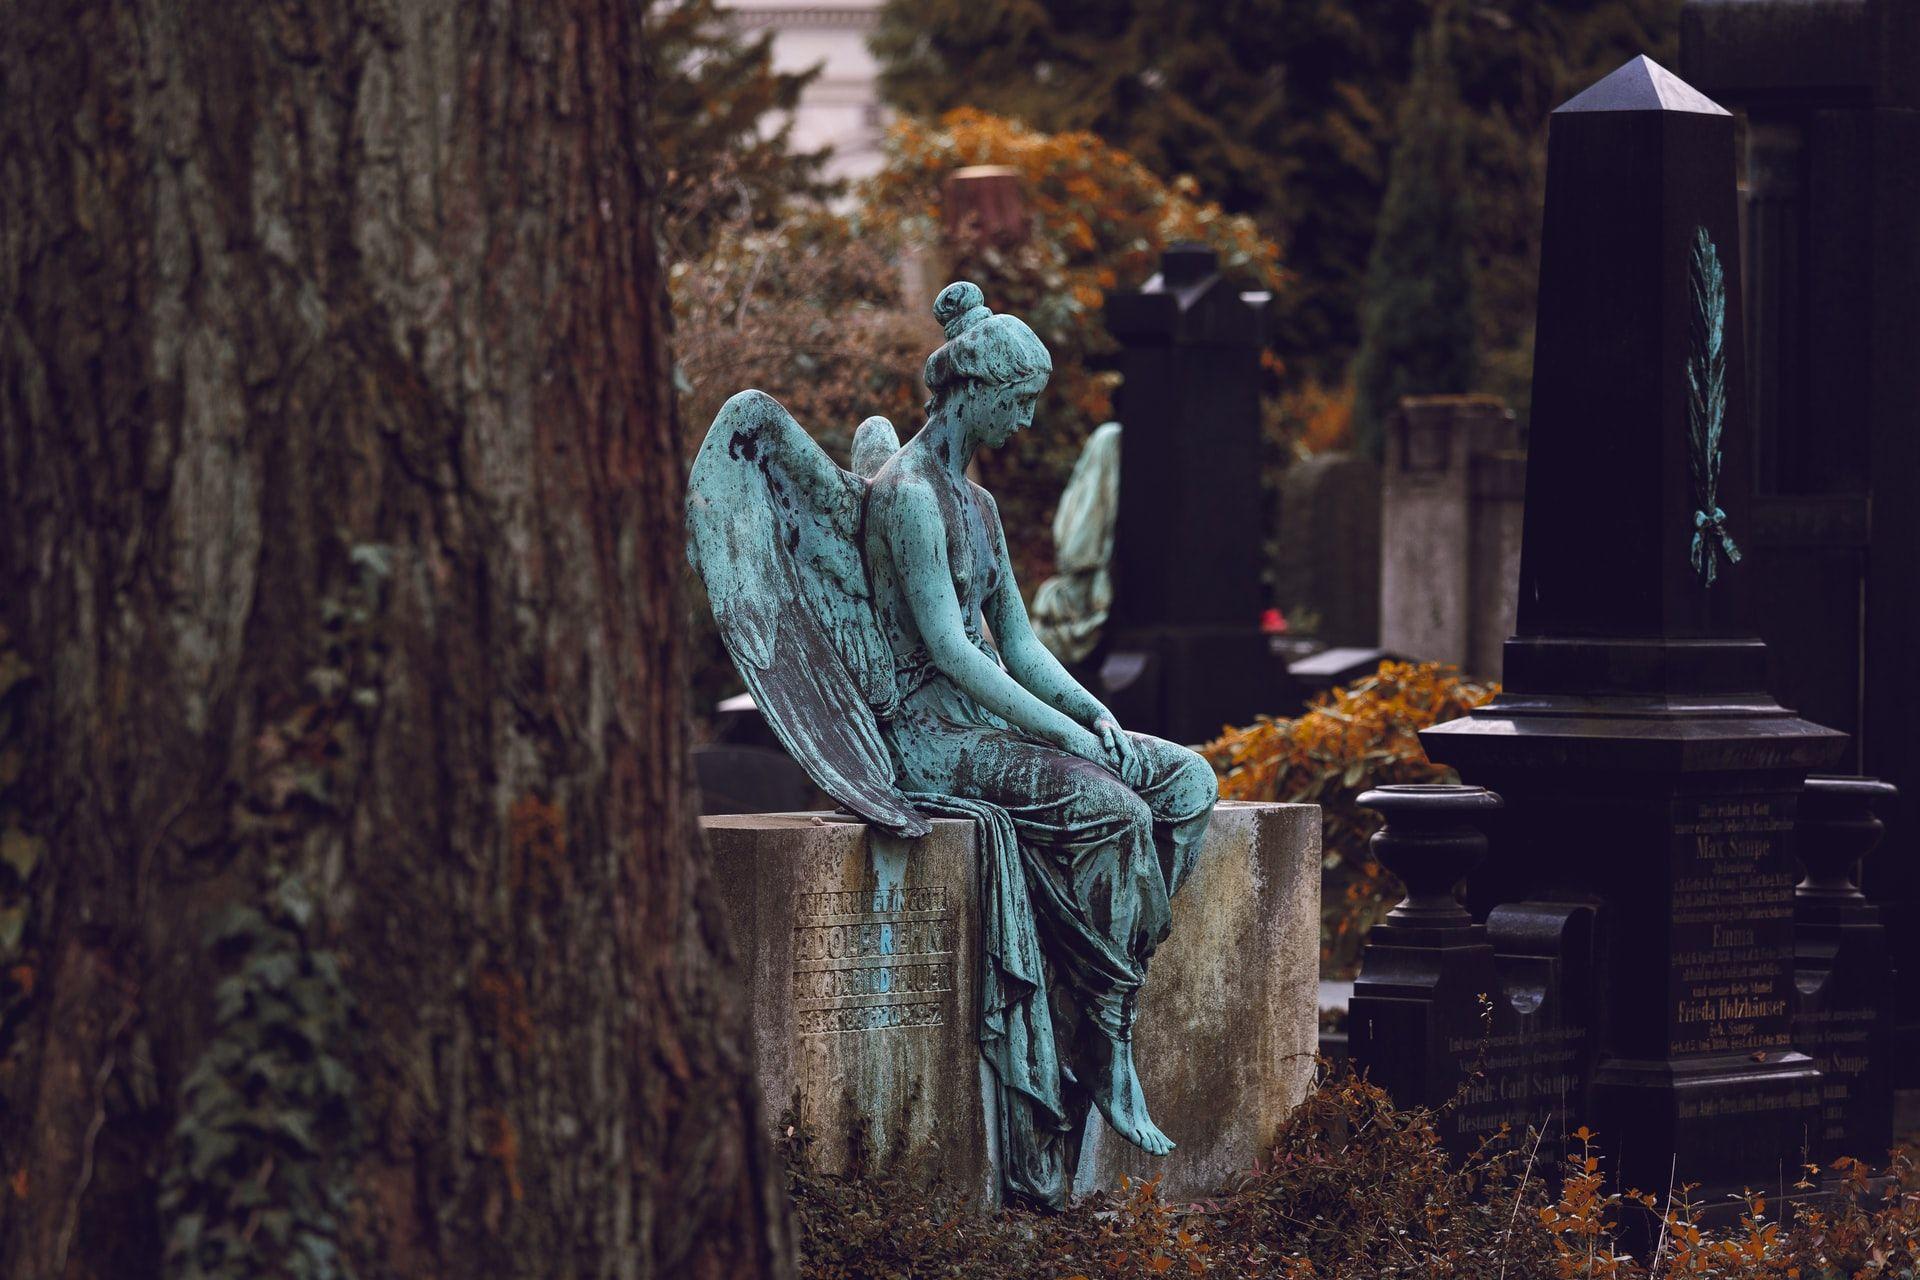 Pertanda Agar Tetap Waspada, Ini 10 Arti Mimpi Melihat Hantu